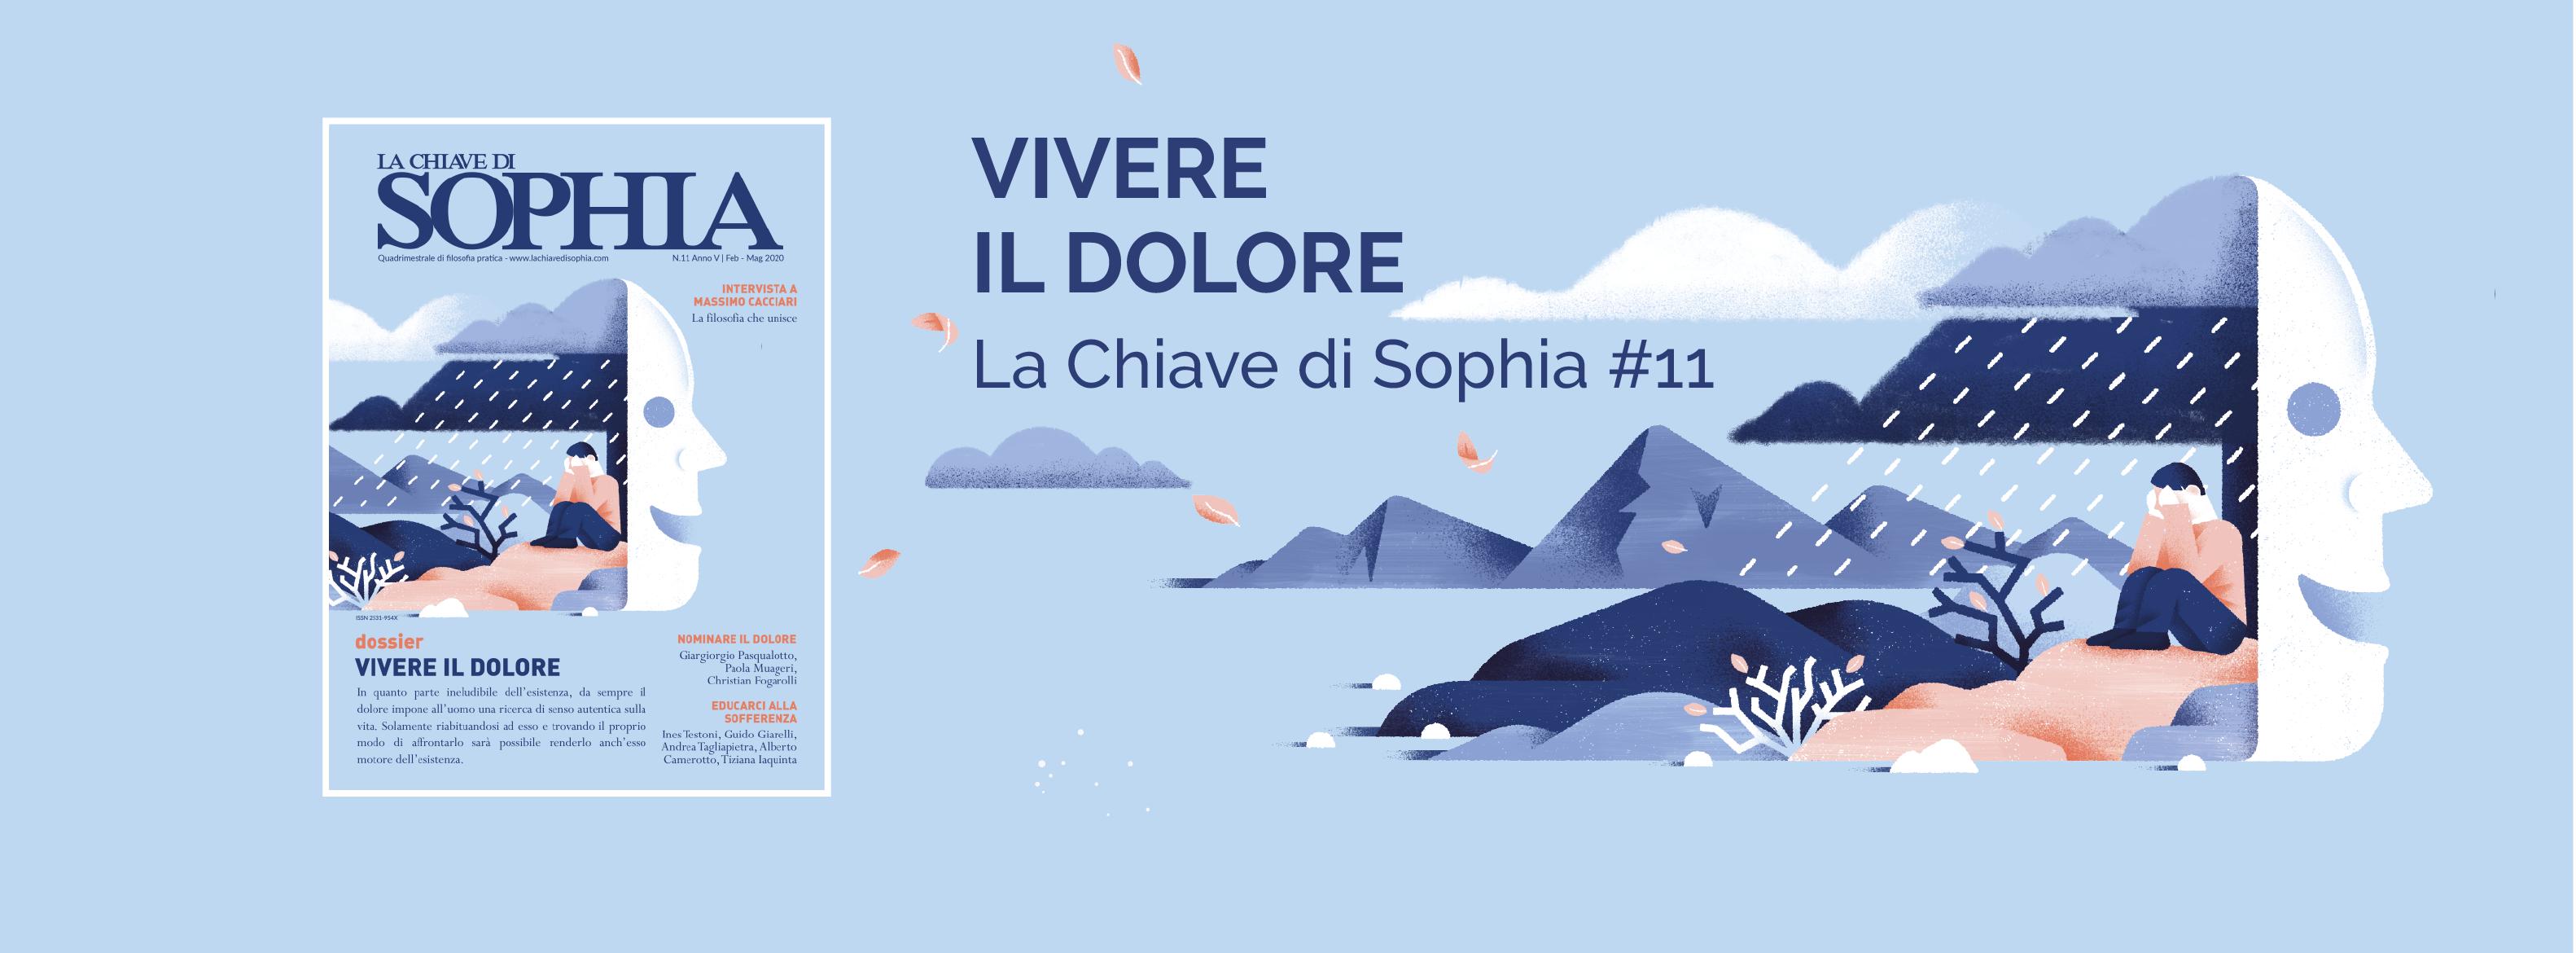 copertina-sito_la-chiave-di-sophia-11eps-01